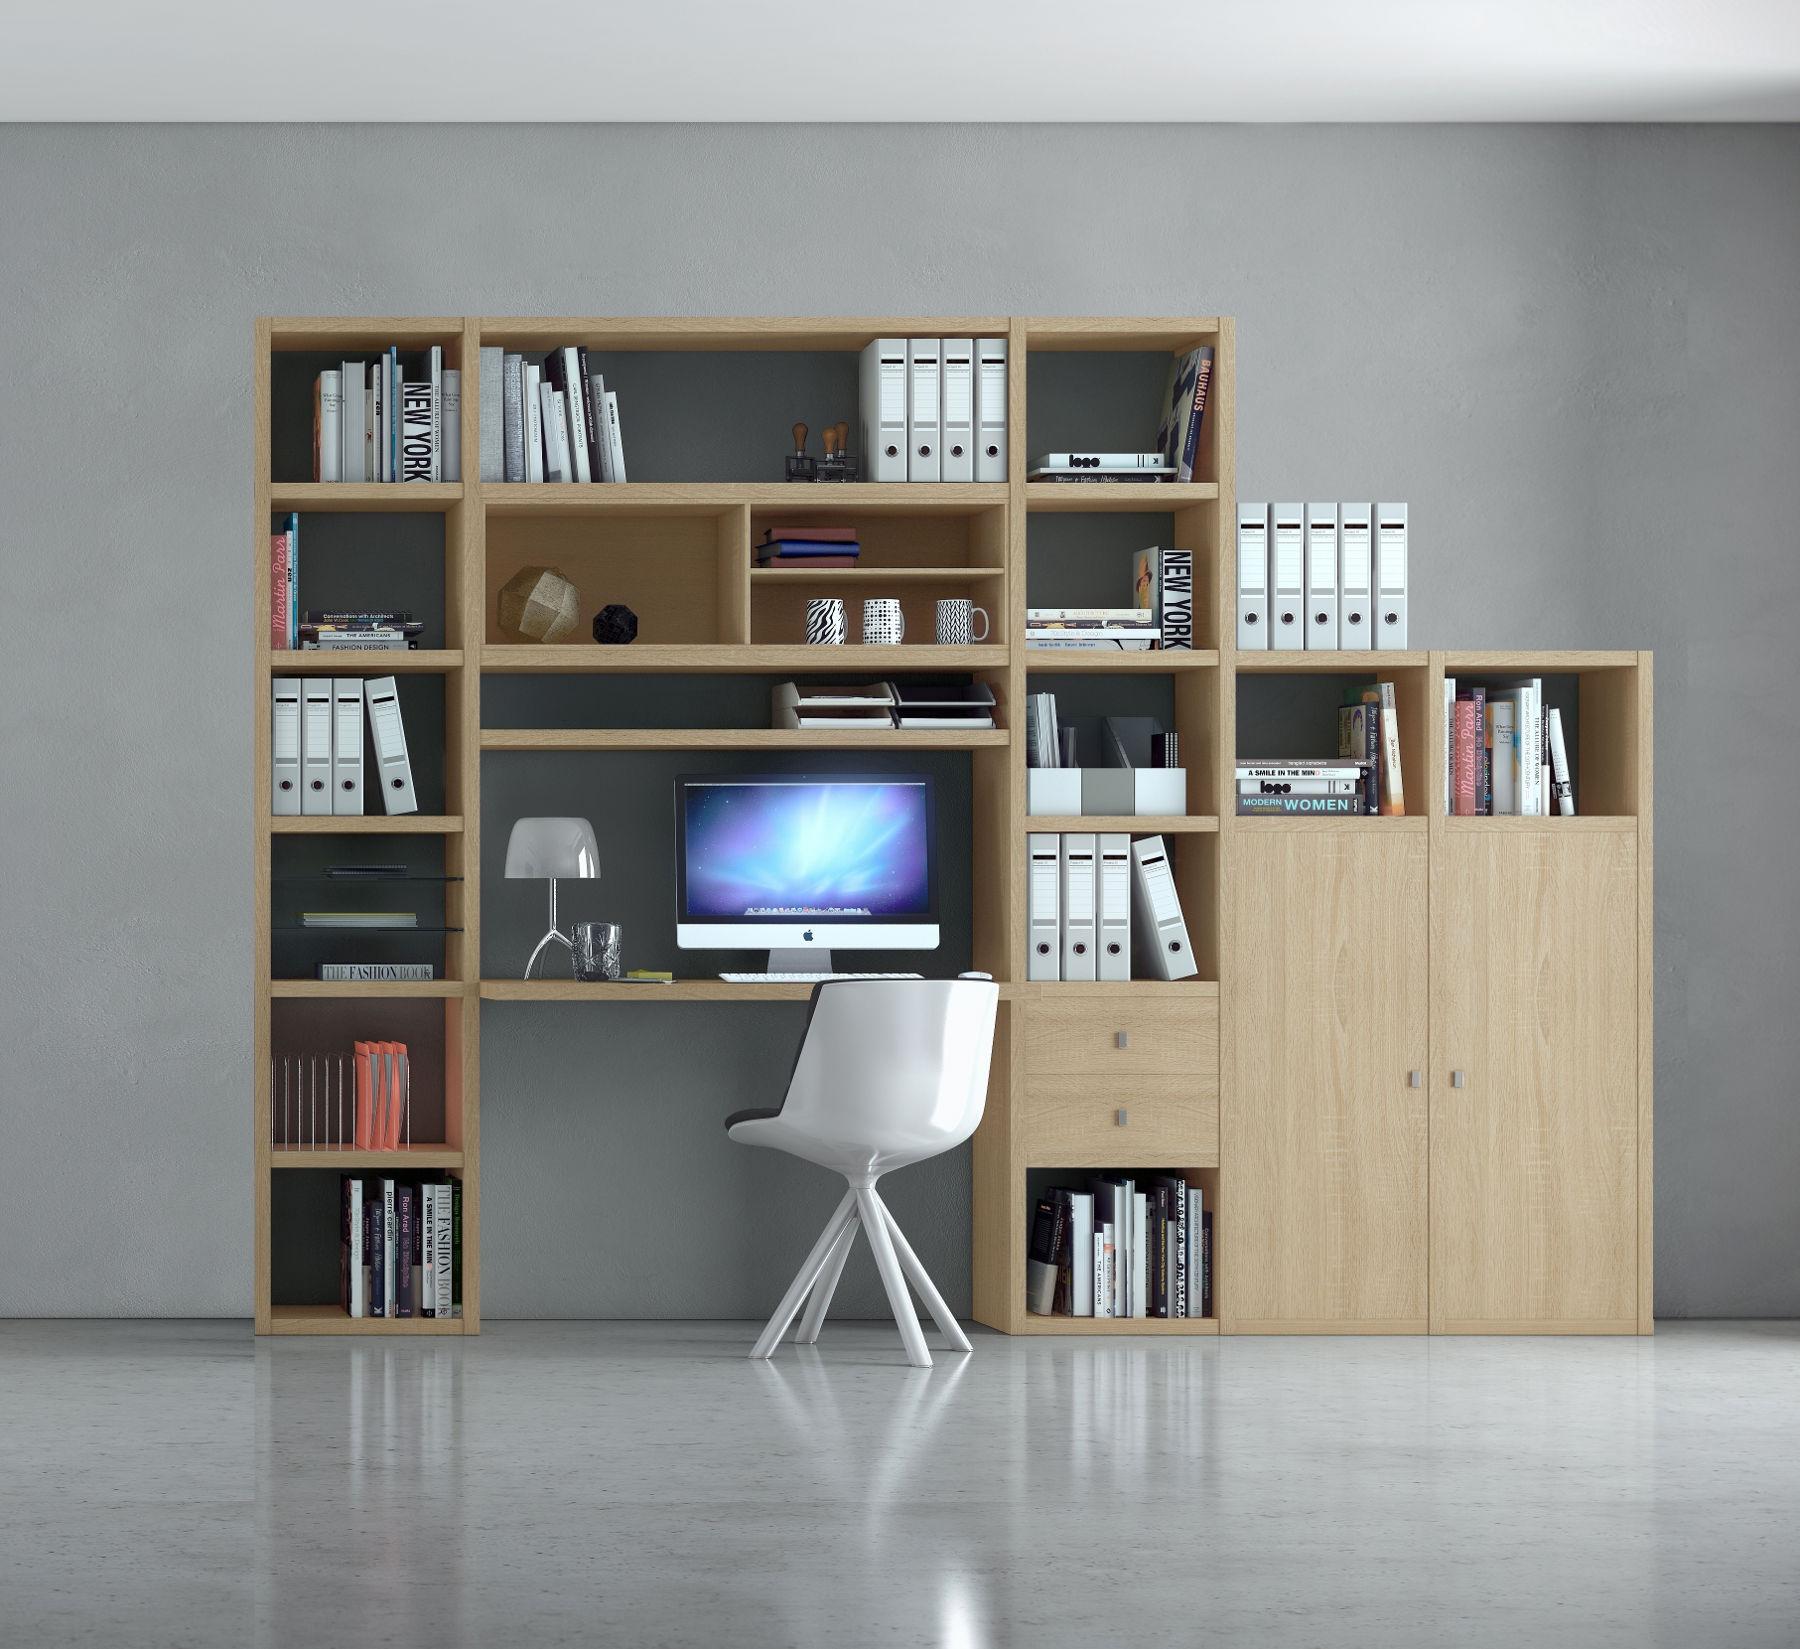 Full Size of überbau Schlafzimmer Modern Schreibtisch Mit Berbau Bcherregal Eiche Designermbel Günstige Landhausstil Weiß Set Günstig Tapete Küche Massivholz Komplett Wohnzimmer überbau Schlafzimmer Modern